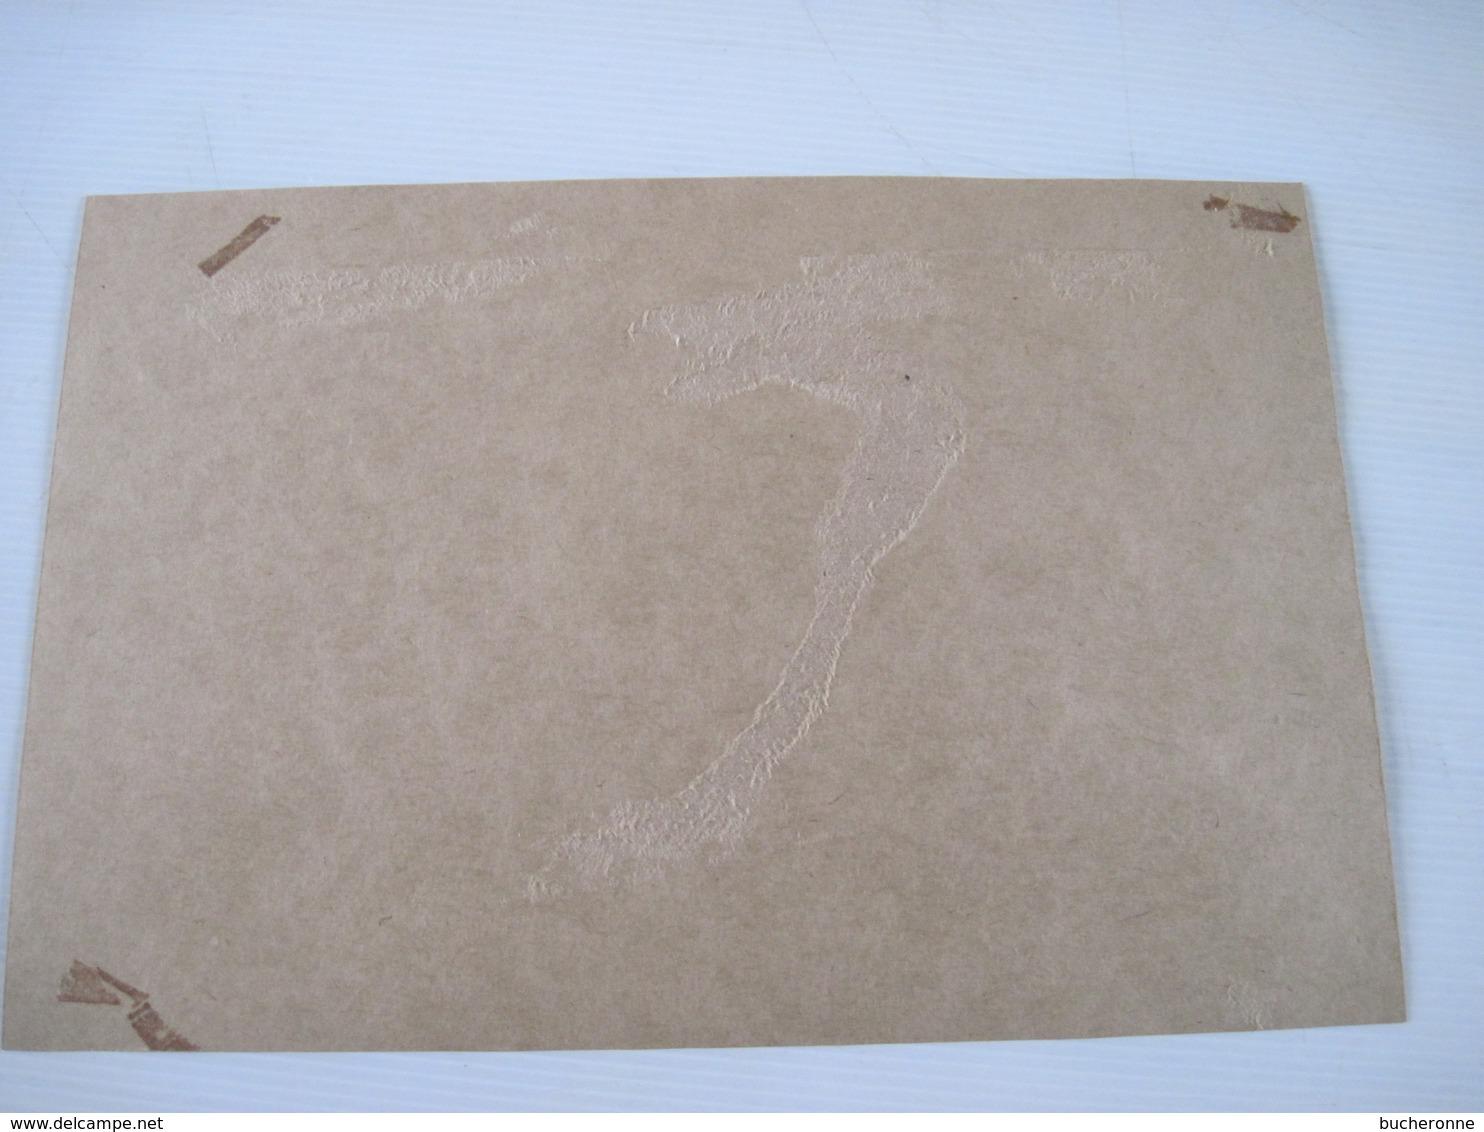 Vue De Sur L'eau  A Retrouver Aquarelle Sur Papier Signé G LEROUX (XXè) 25 X 15 Cm Taches D'humidité - Aquarelles